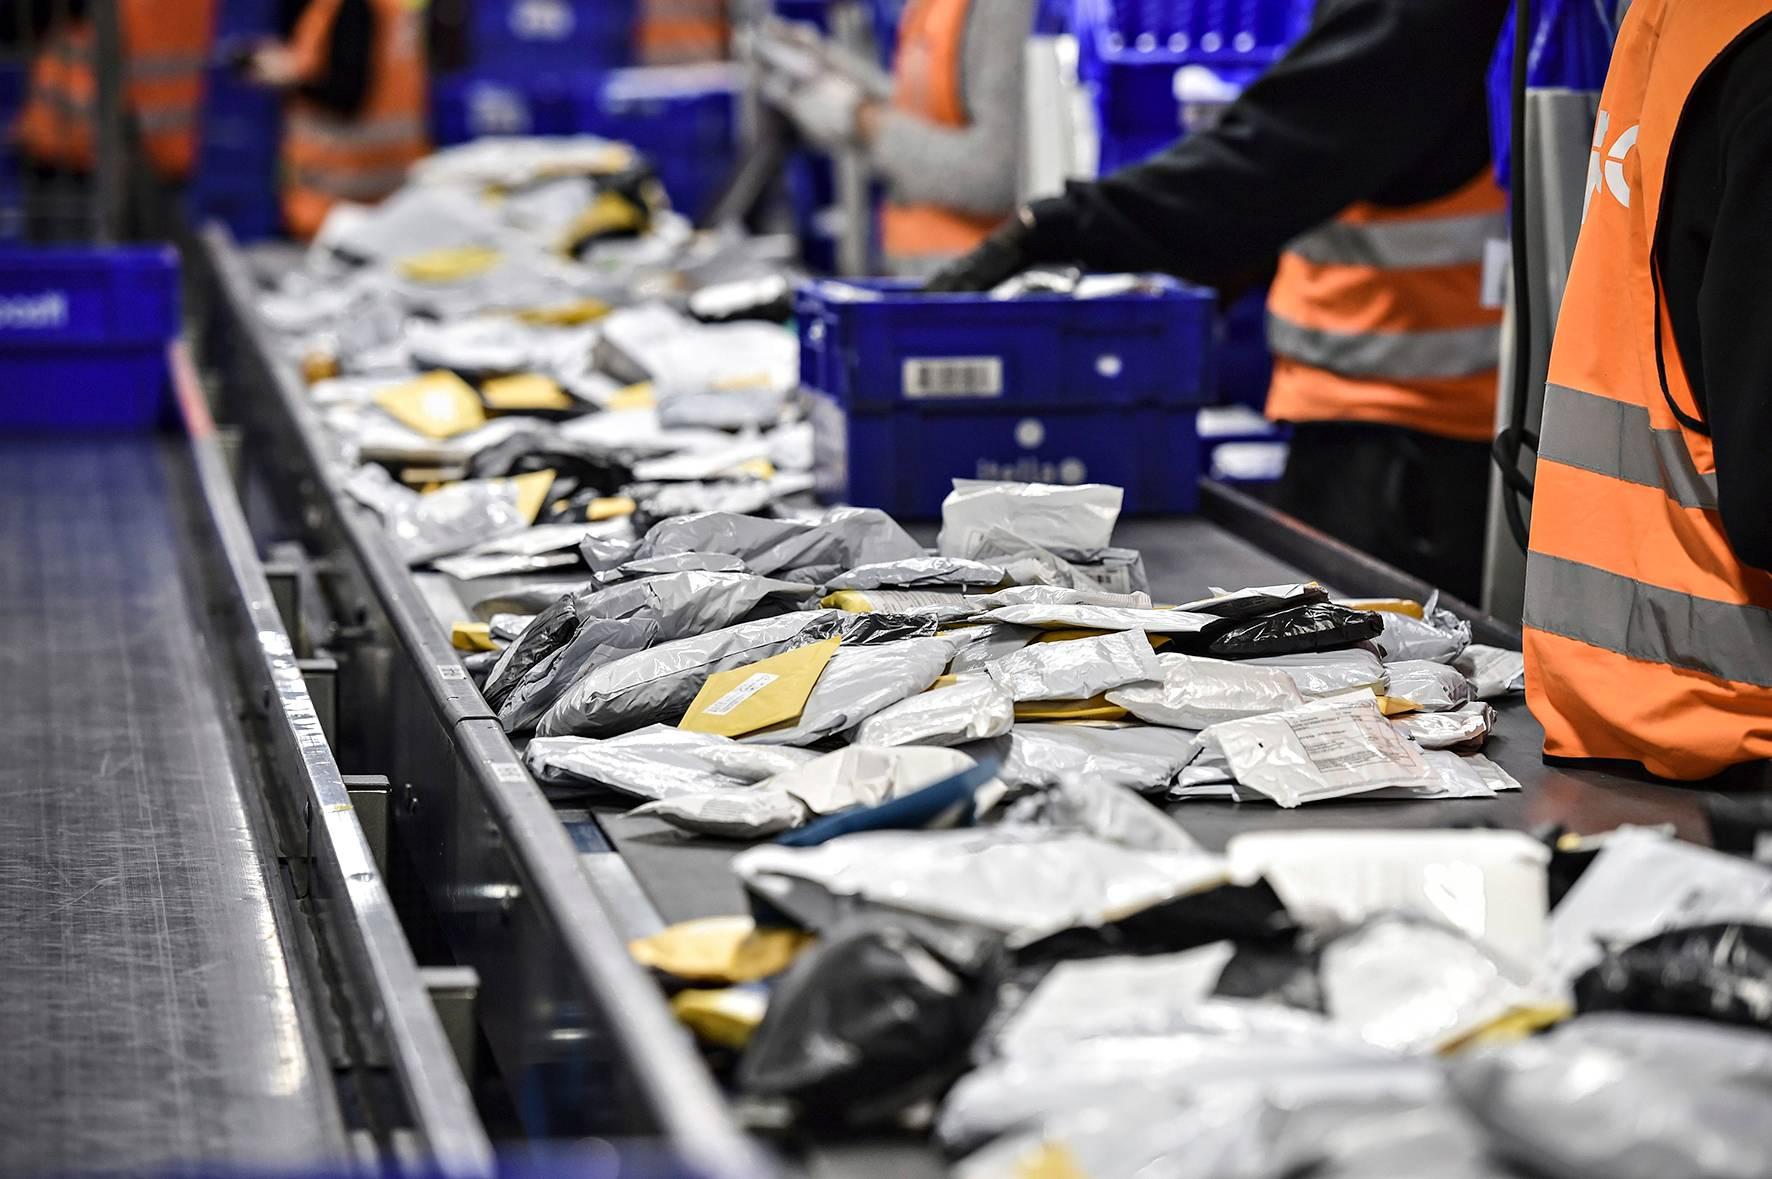 Kiinasta tilattuja verkkokaupan kirjelähetyksiä lajitellaan Postissa.